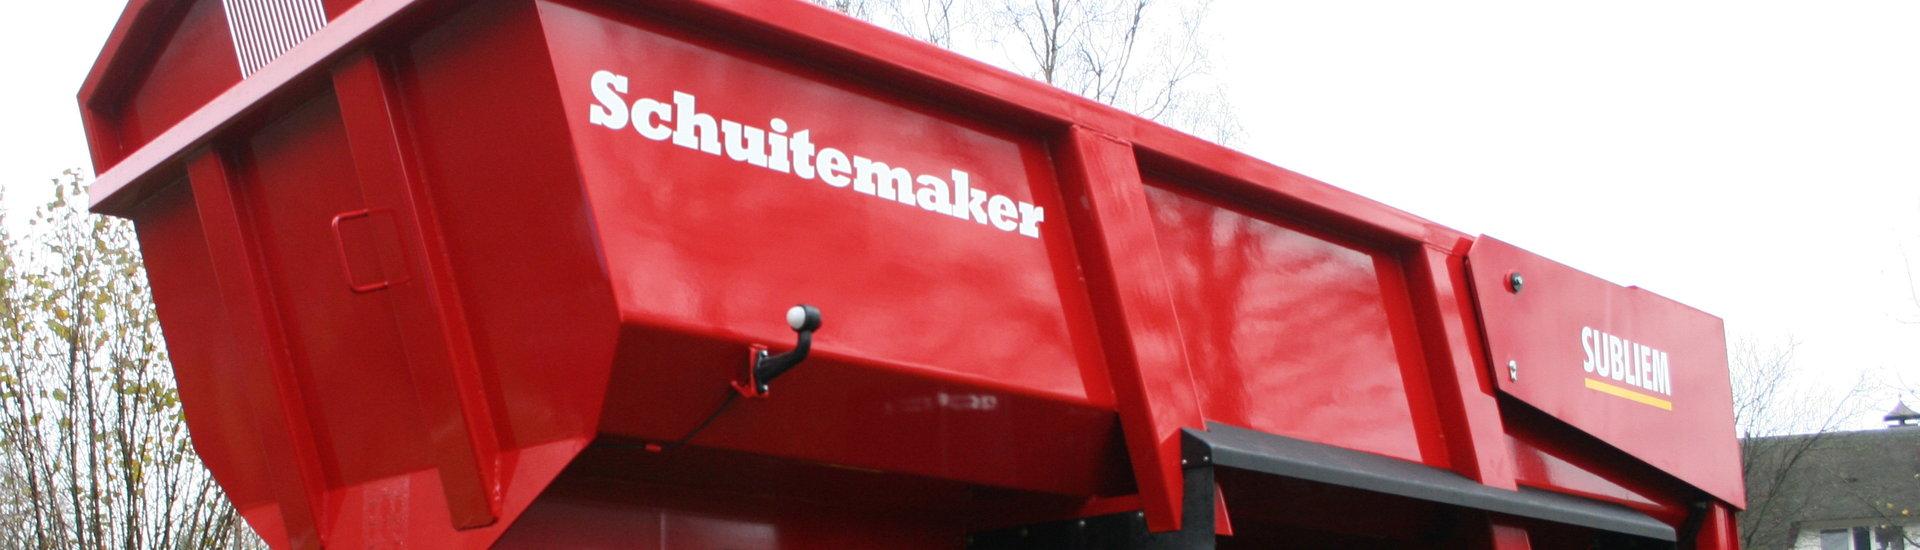 Schuitemaker Subliem puin kieper